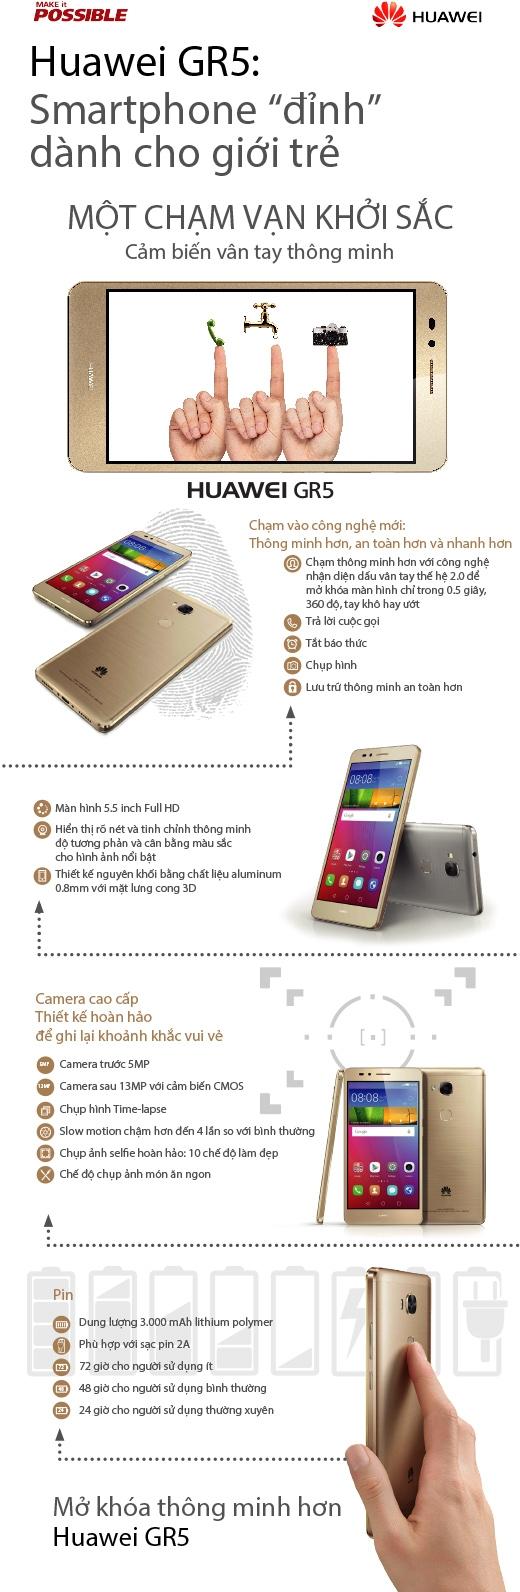 Huawei GR5 - Smartphone dành cho giới trẻ năng động